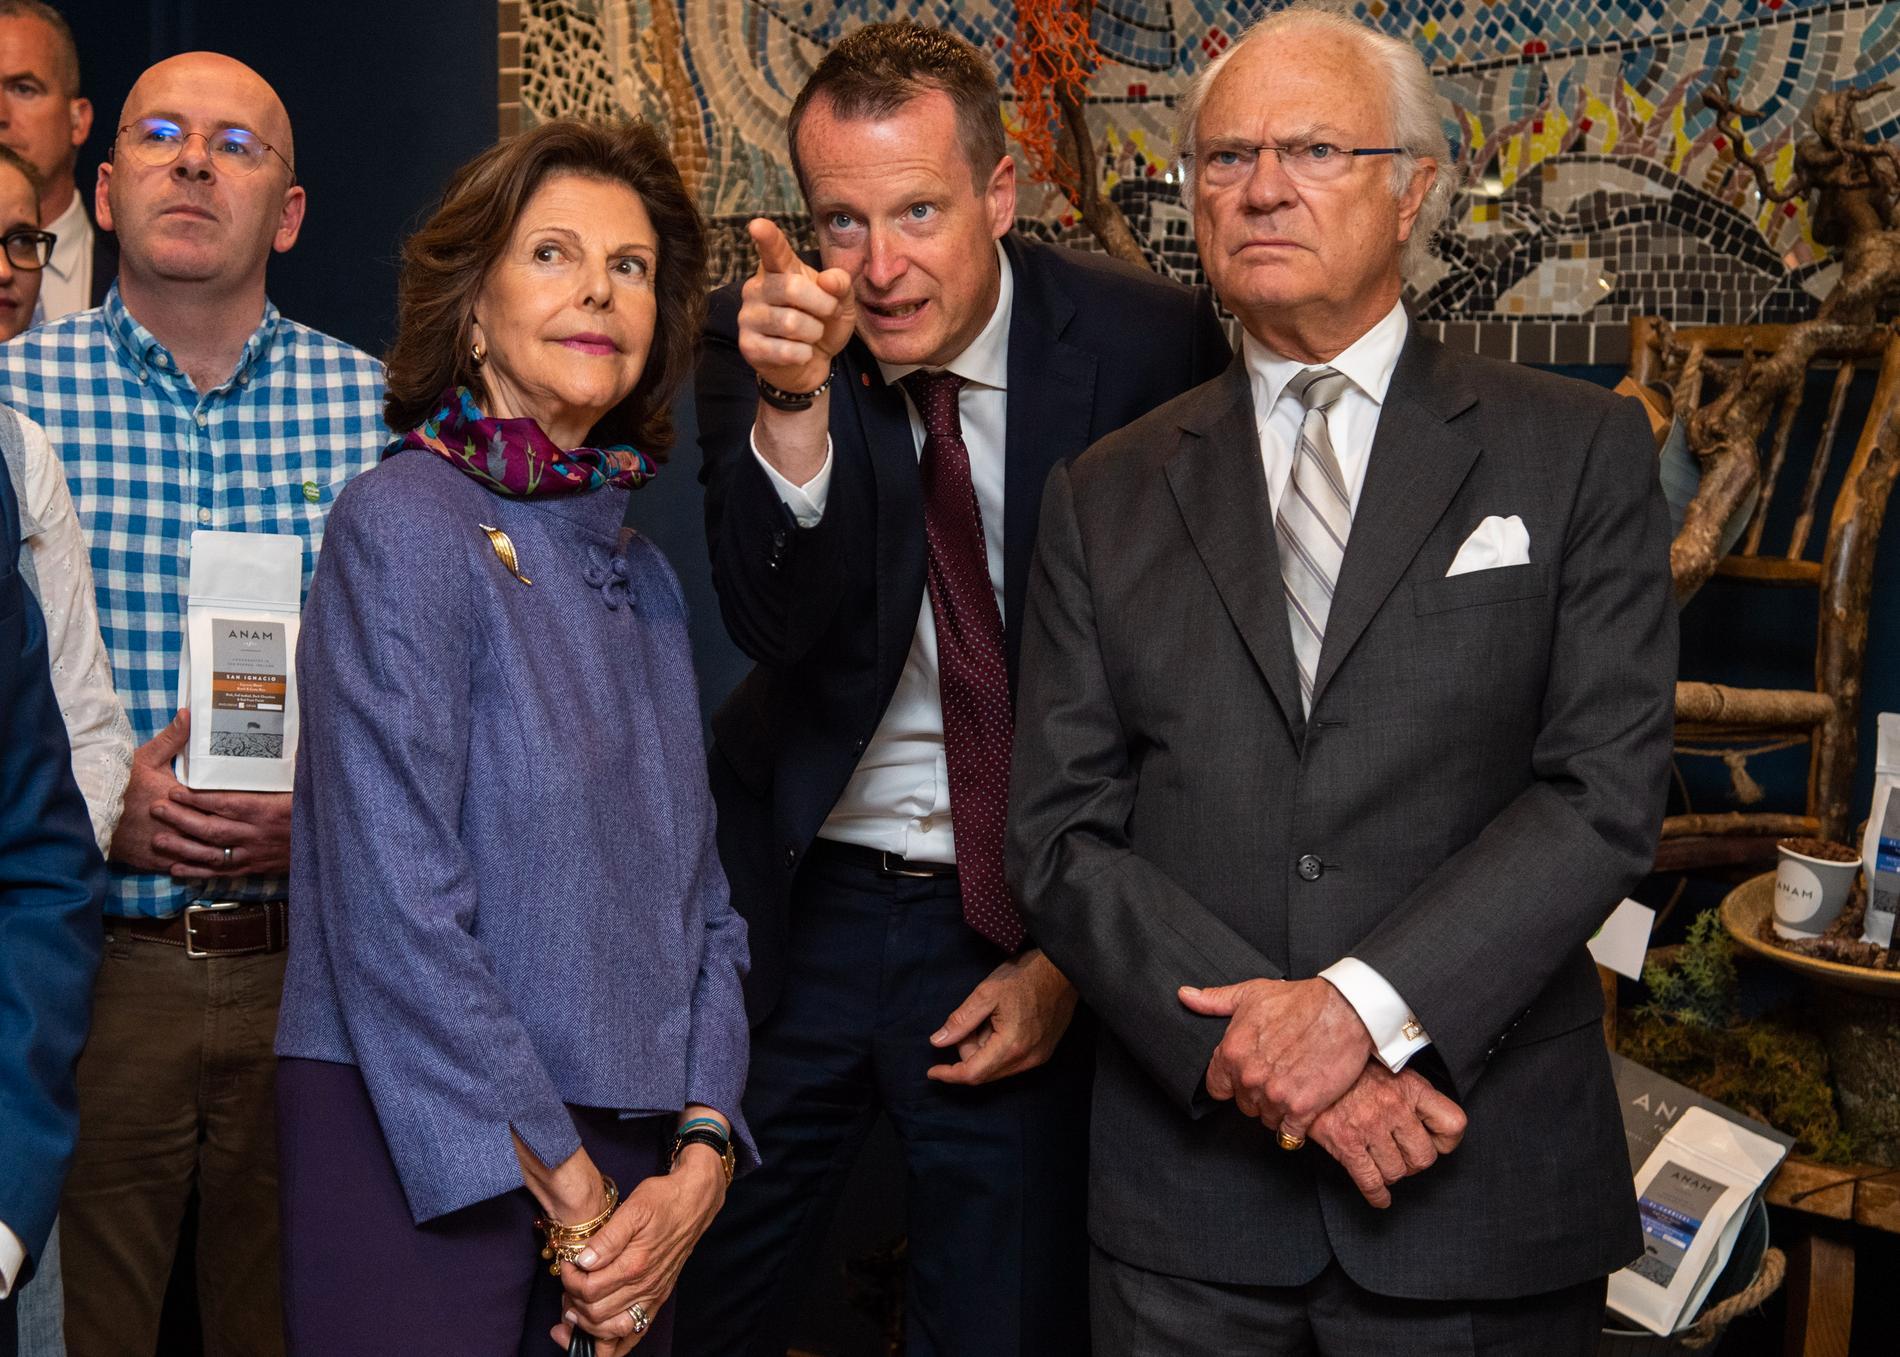 Kungen och drottningen fick frågor om Greta Thunberg under besöket på Irland.